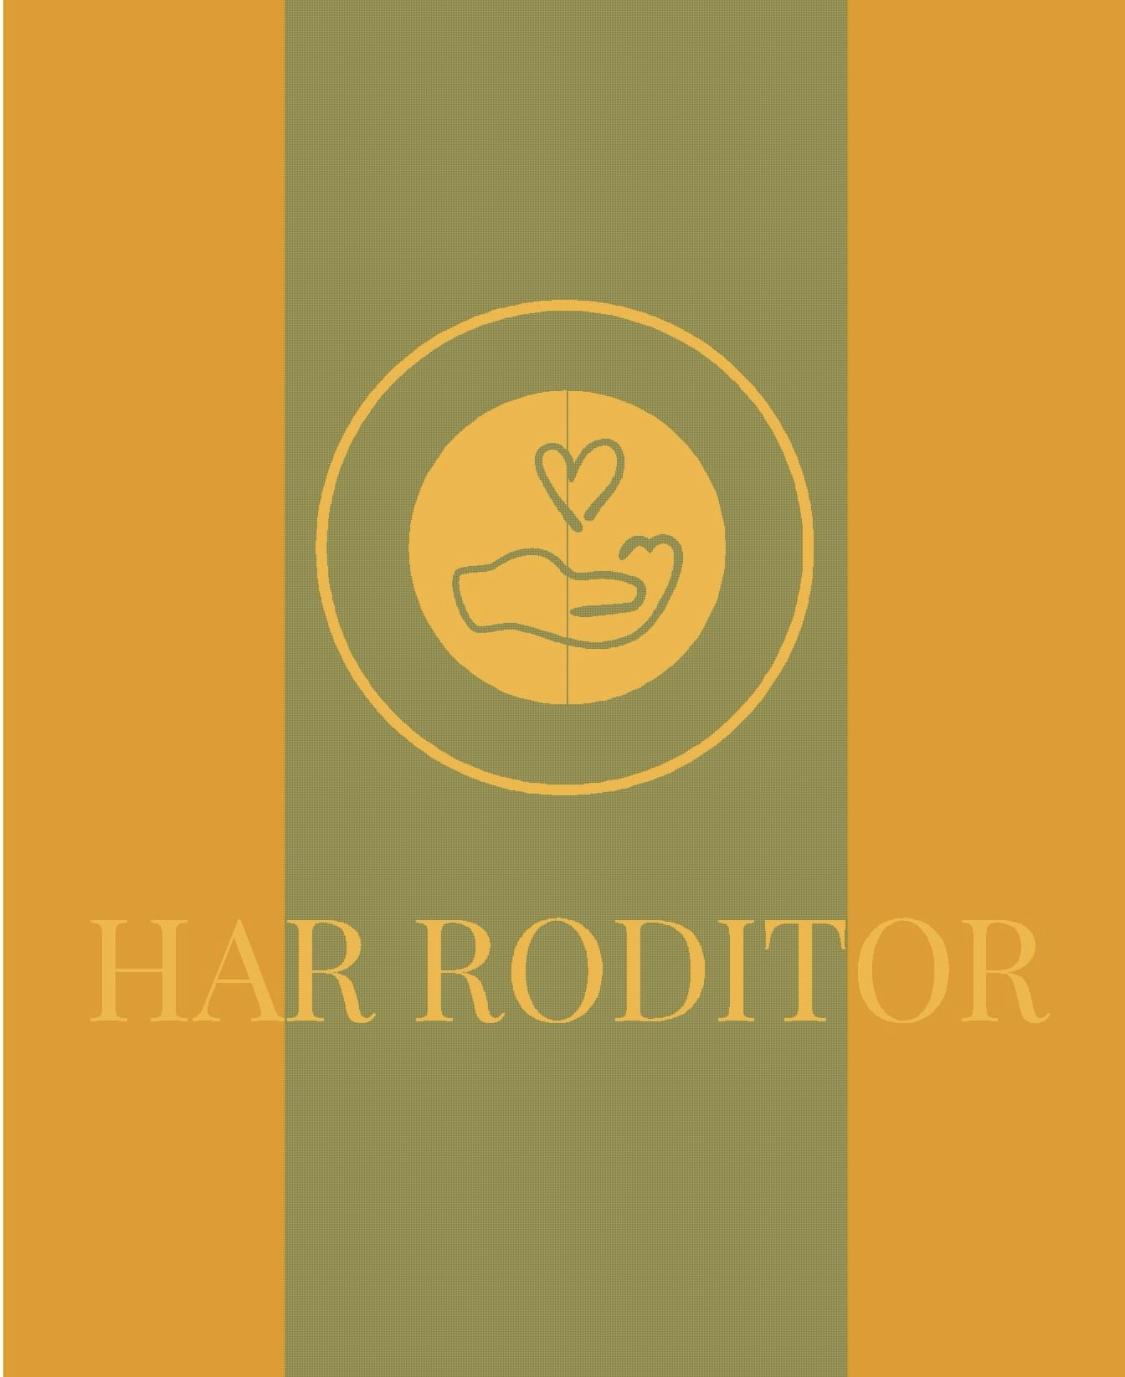 Asociatia Har Roditor logo